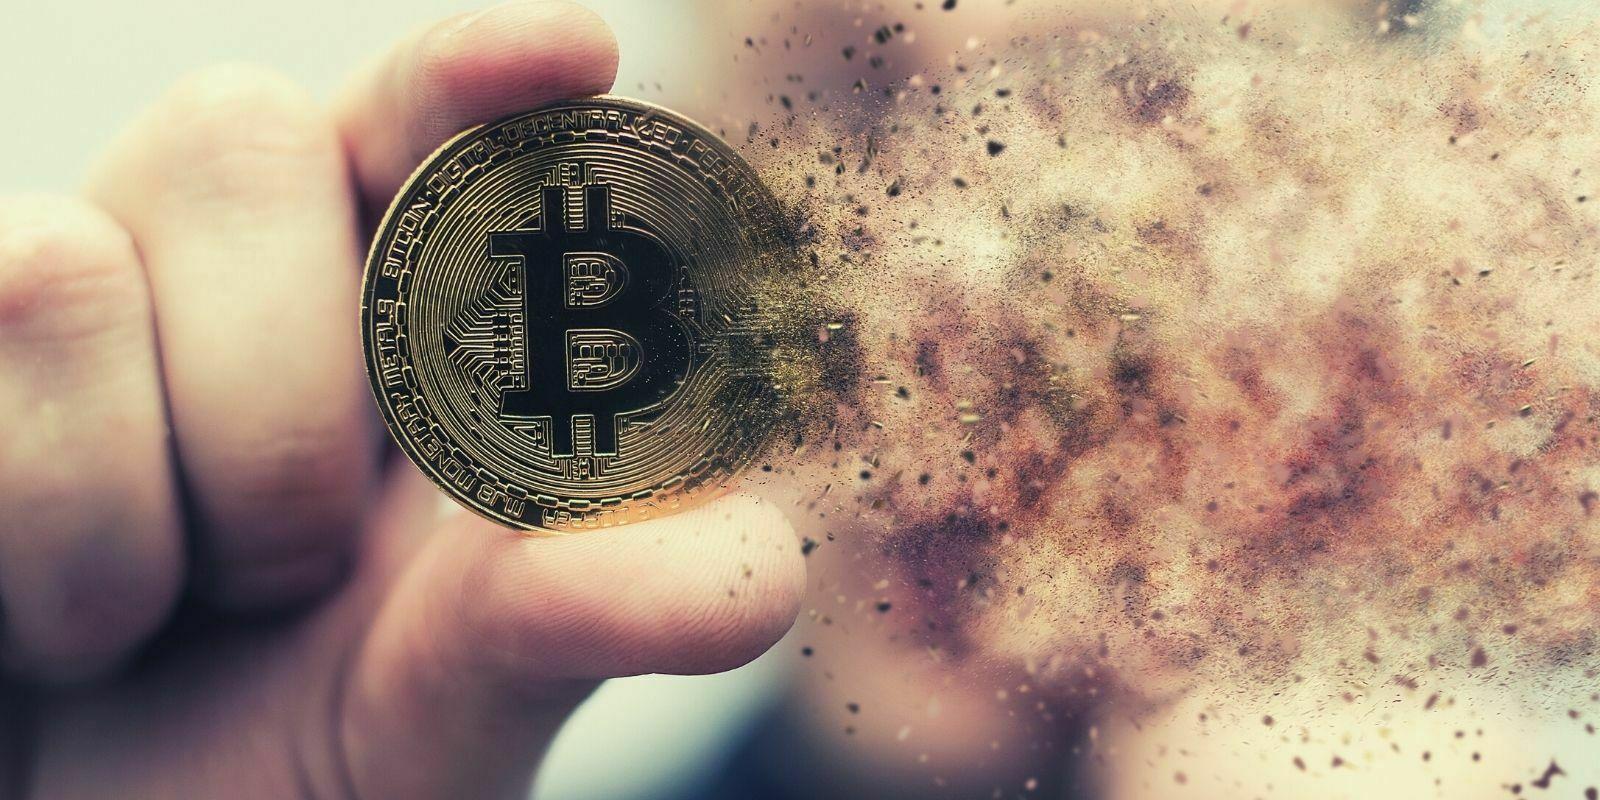 Son wallet contient 240 M$ en Bitcoin… Mais il ne lui reste que deux tentatives pour y accéder